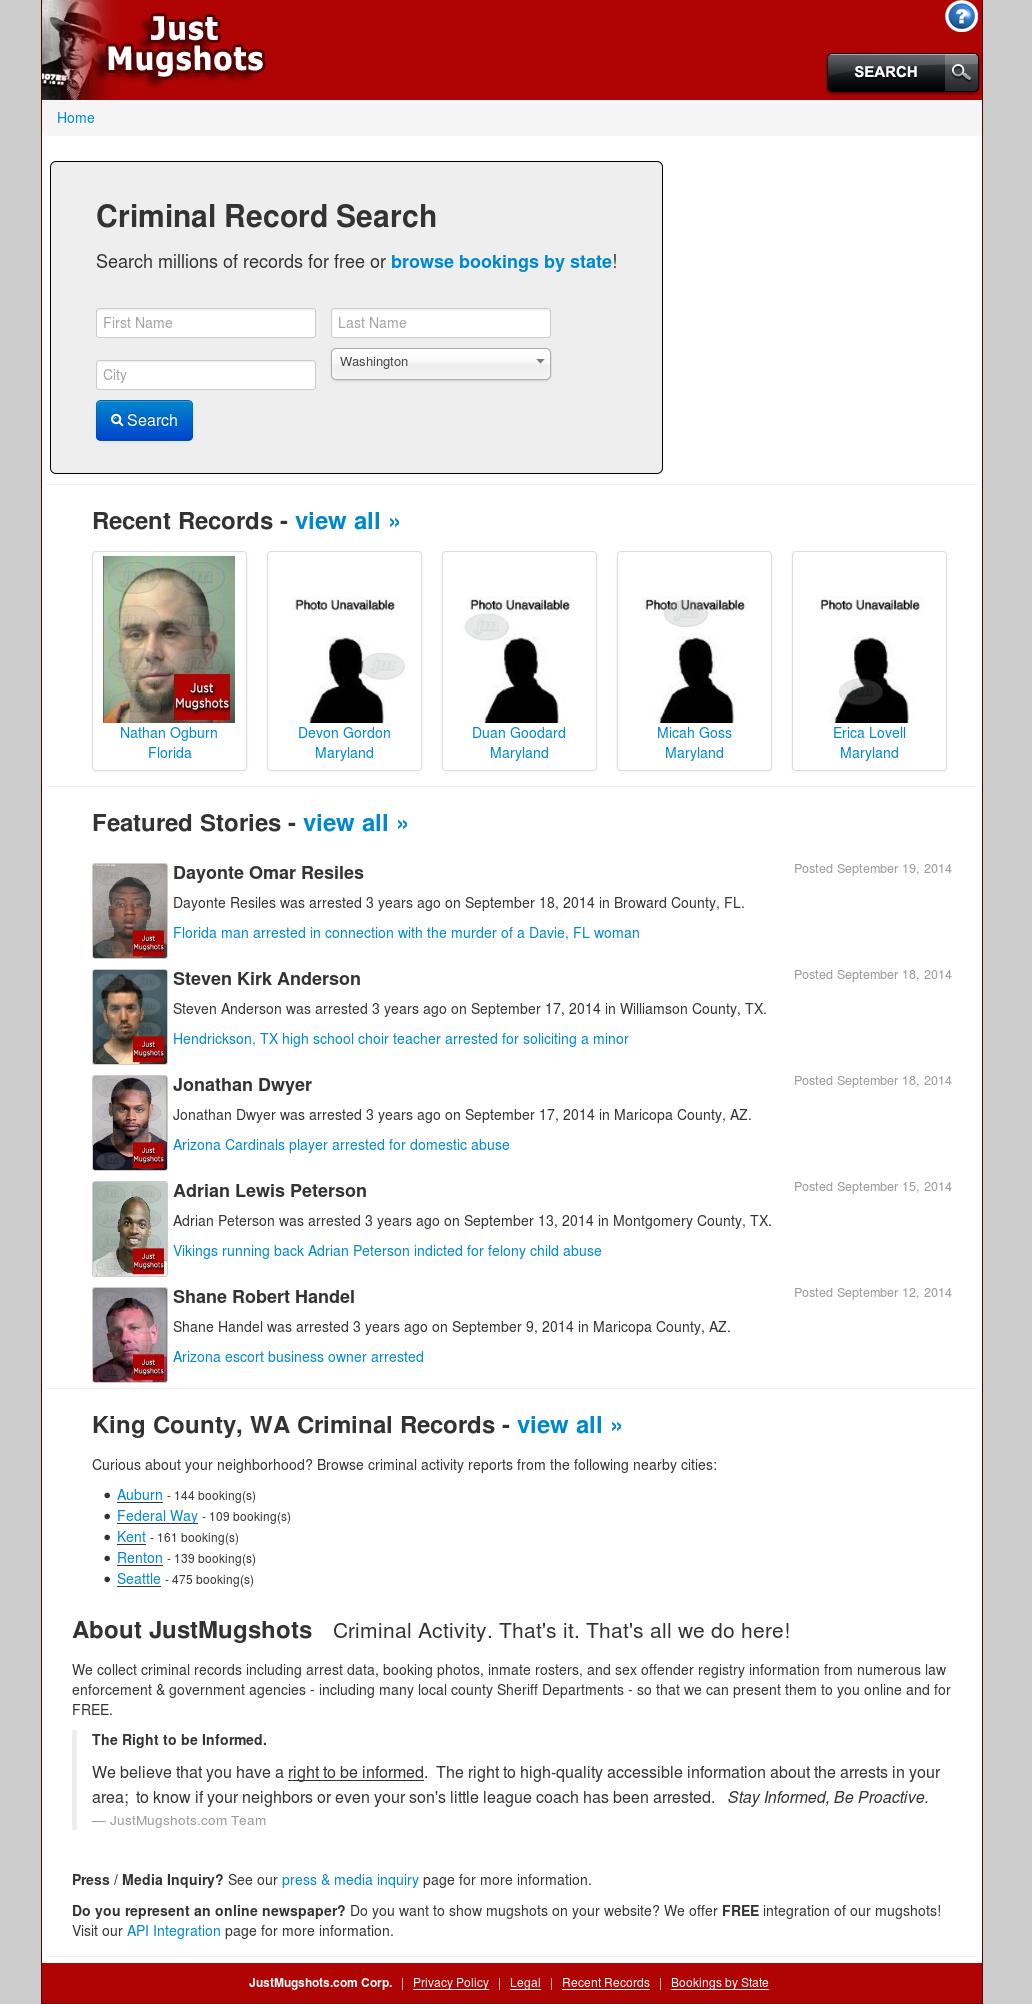 justmugshots website history